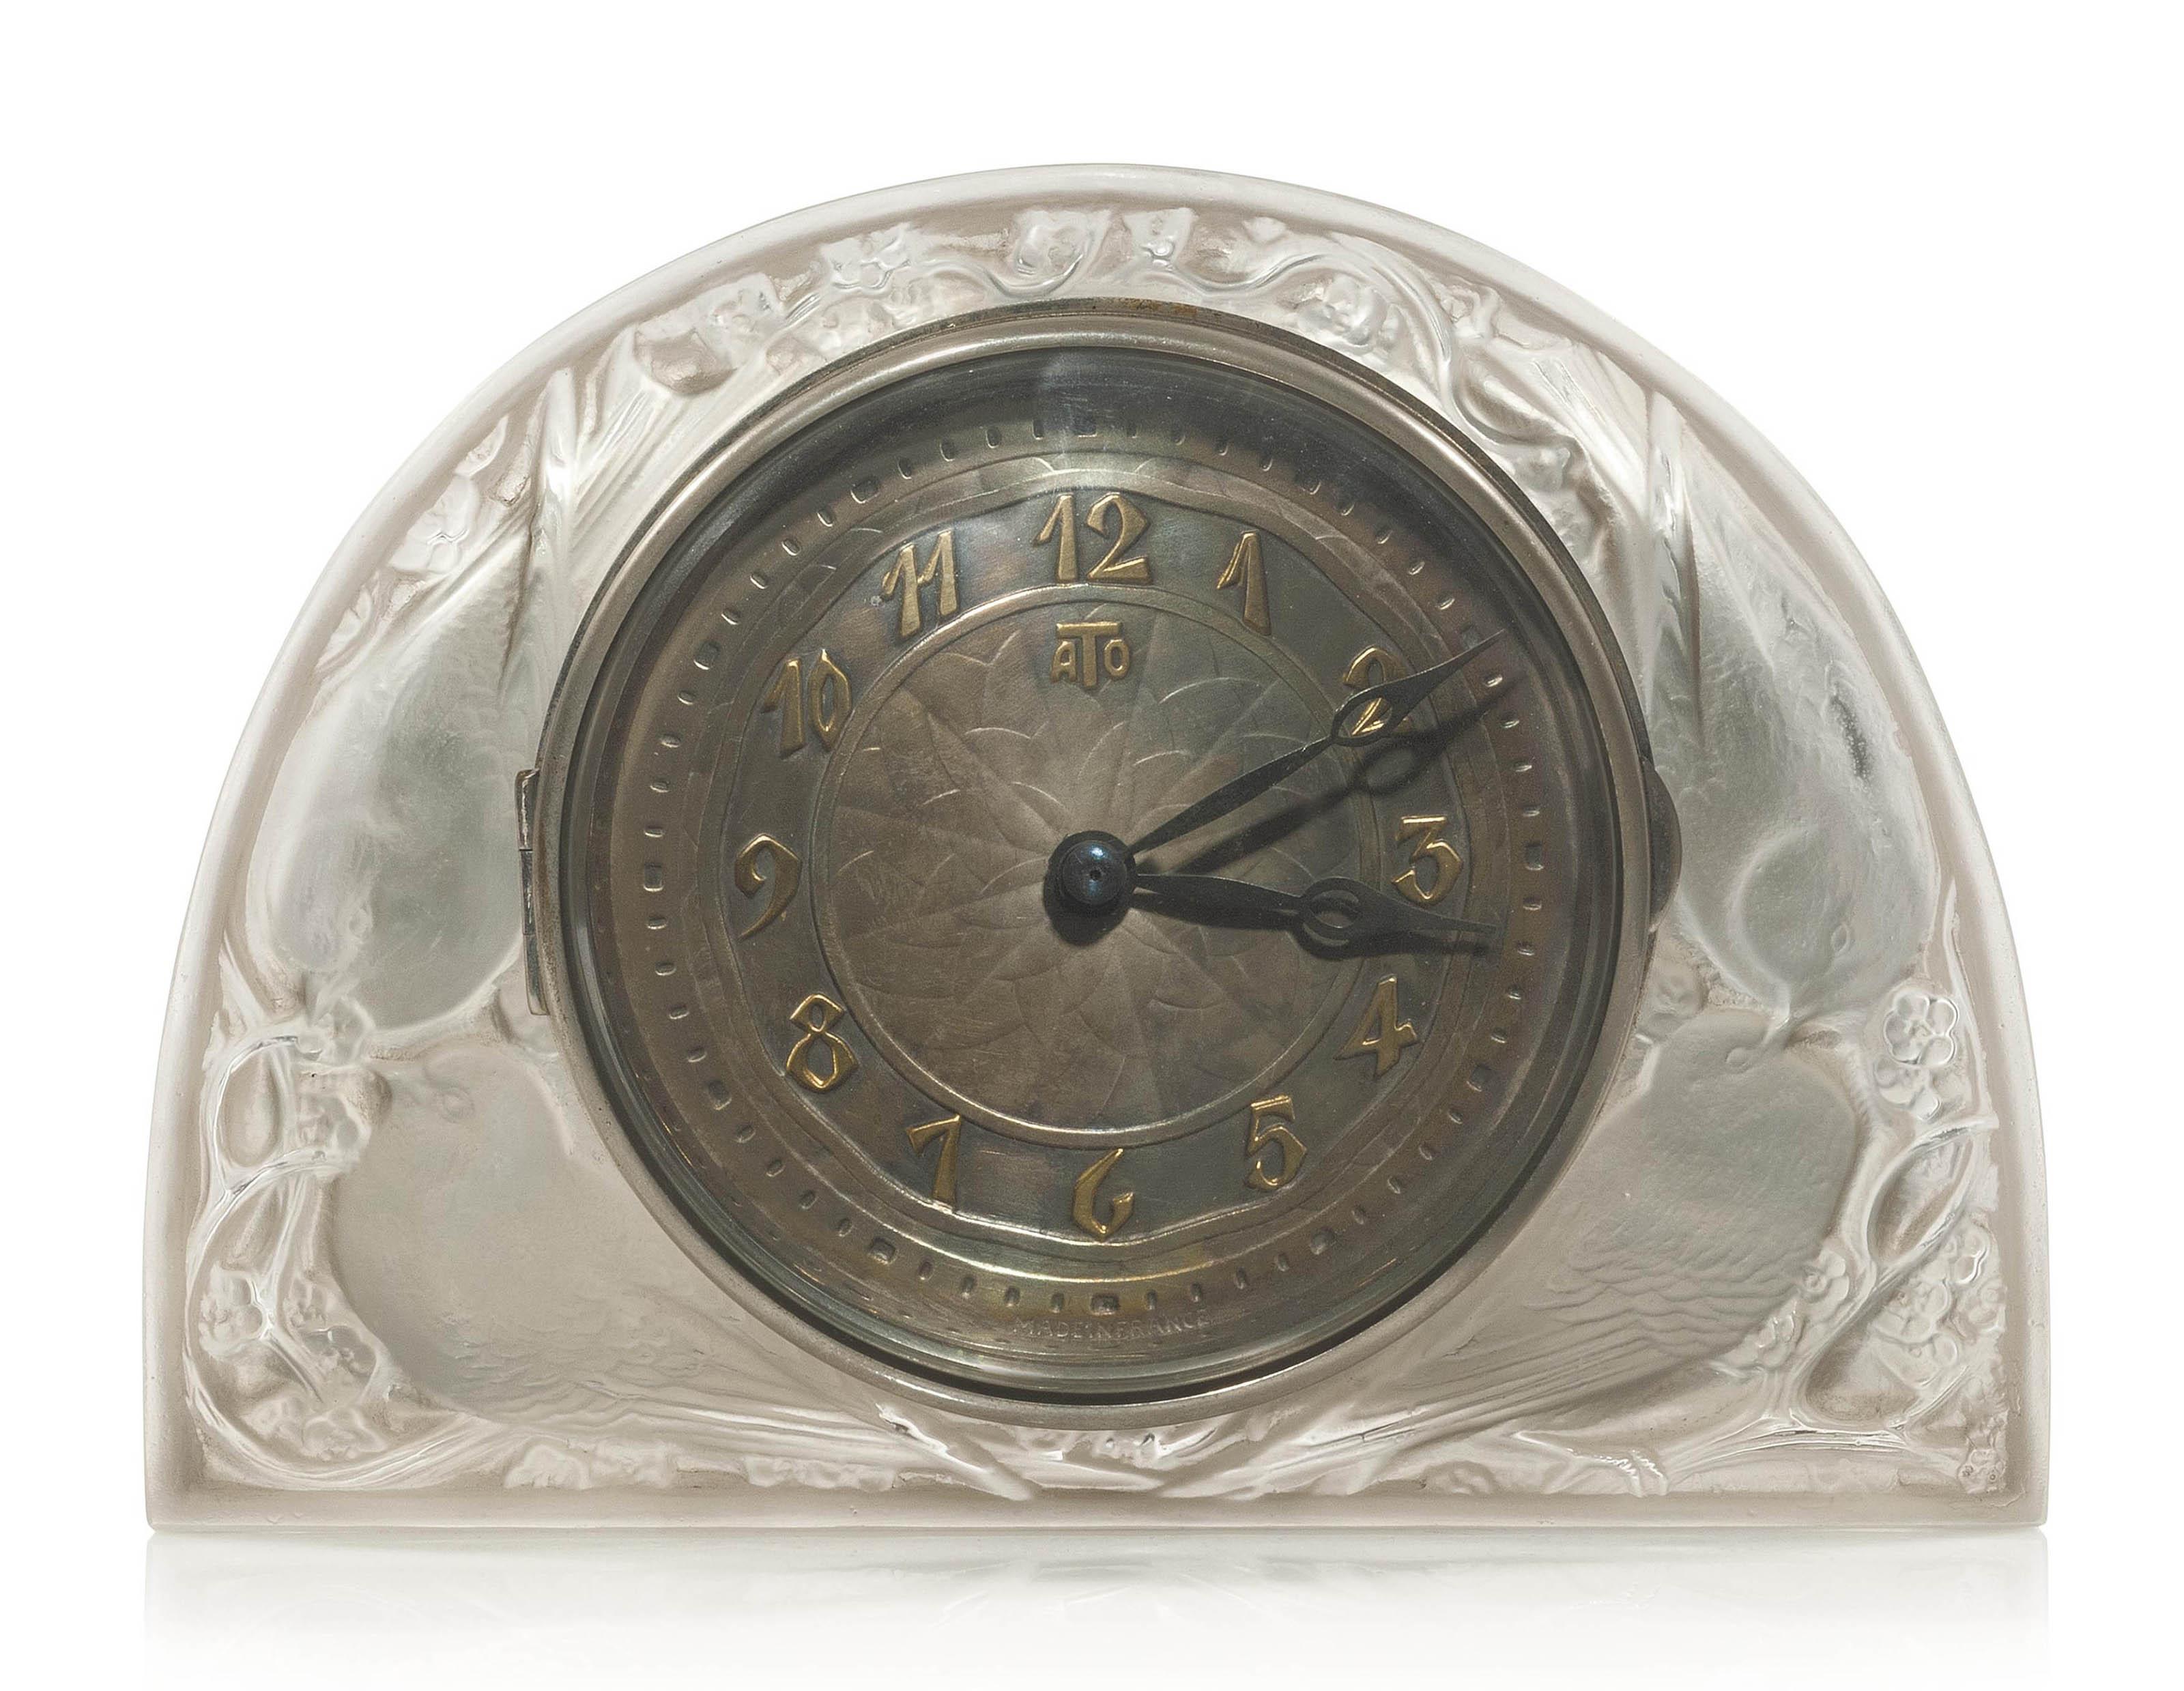 MOINEAUX ATO CLOCK, B